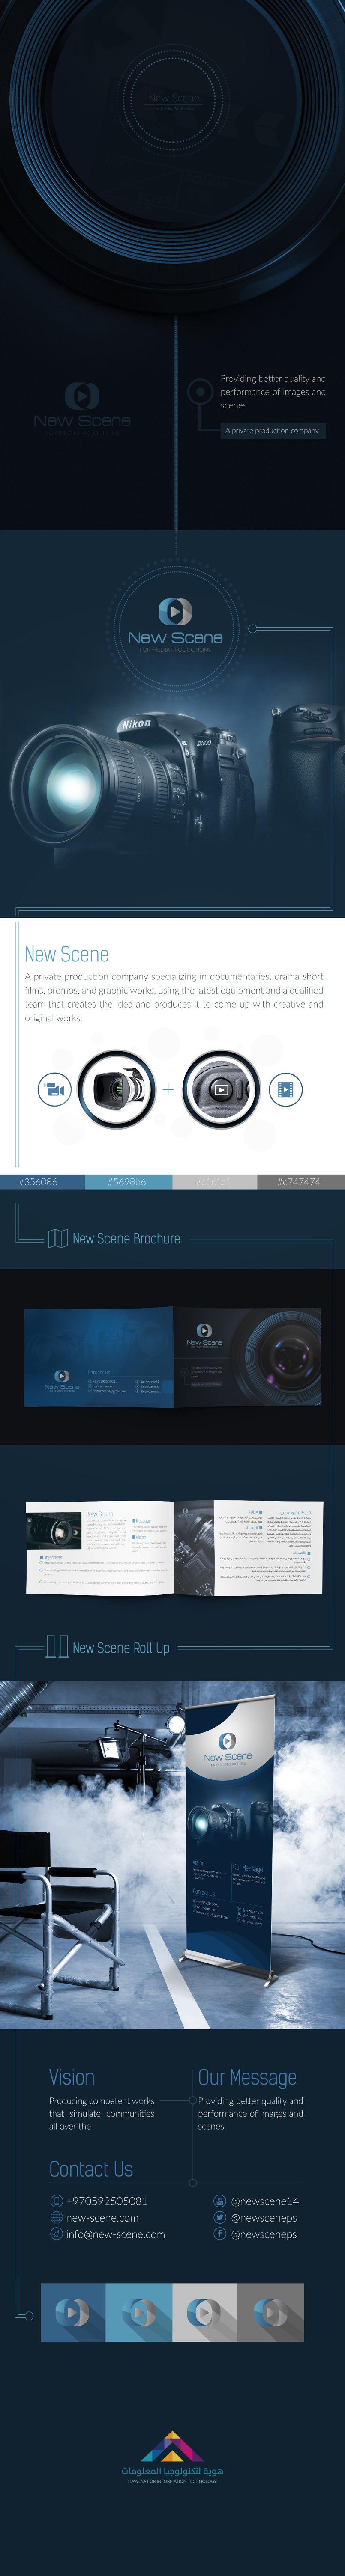 New Scene Logo & identity